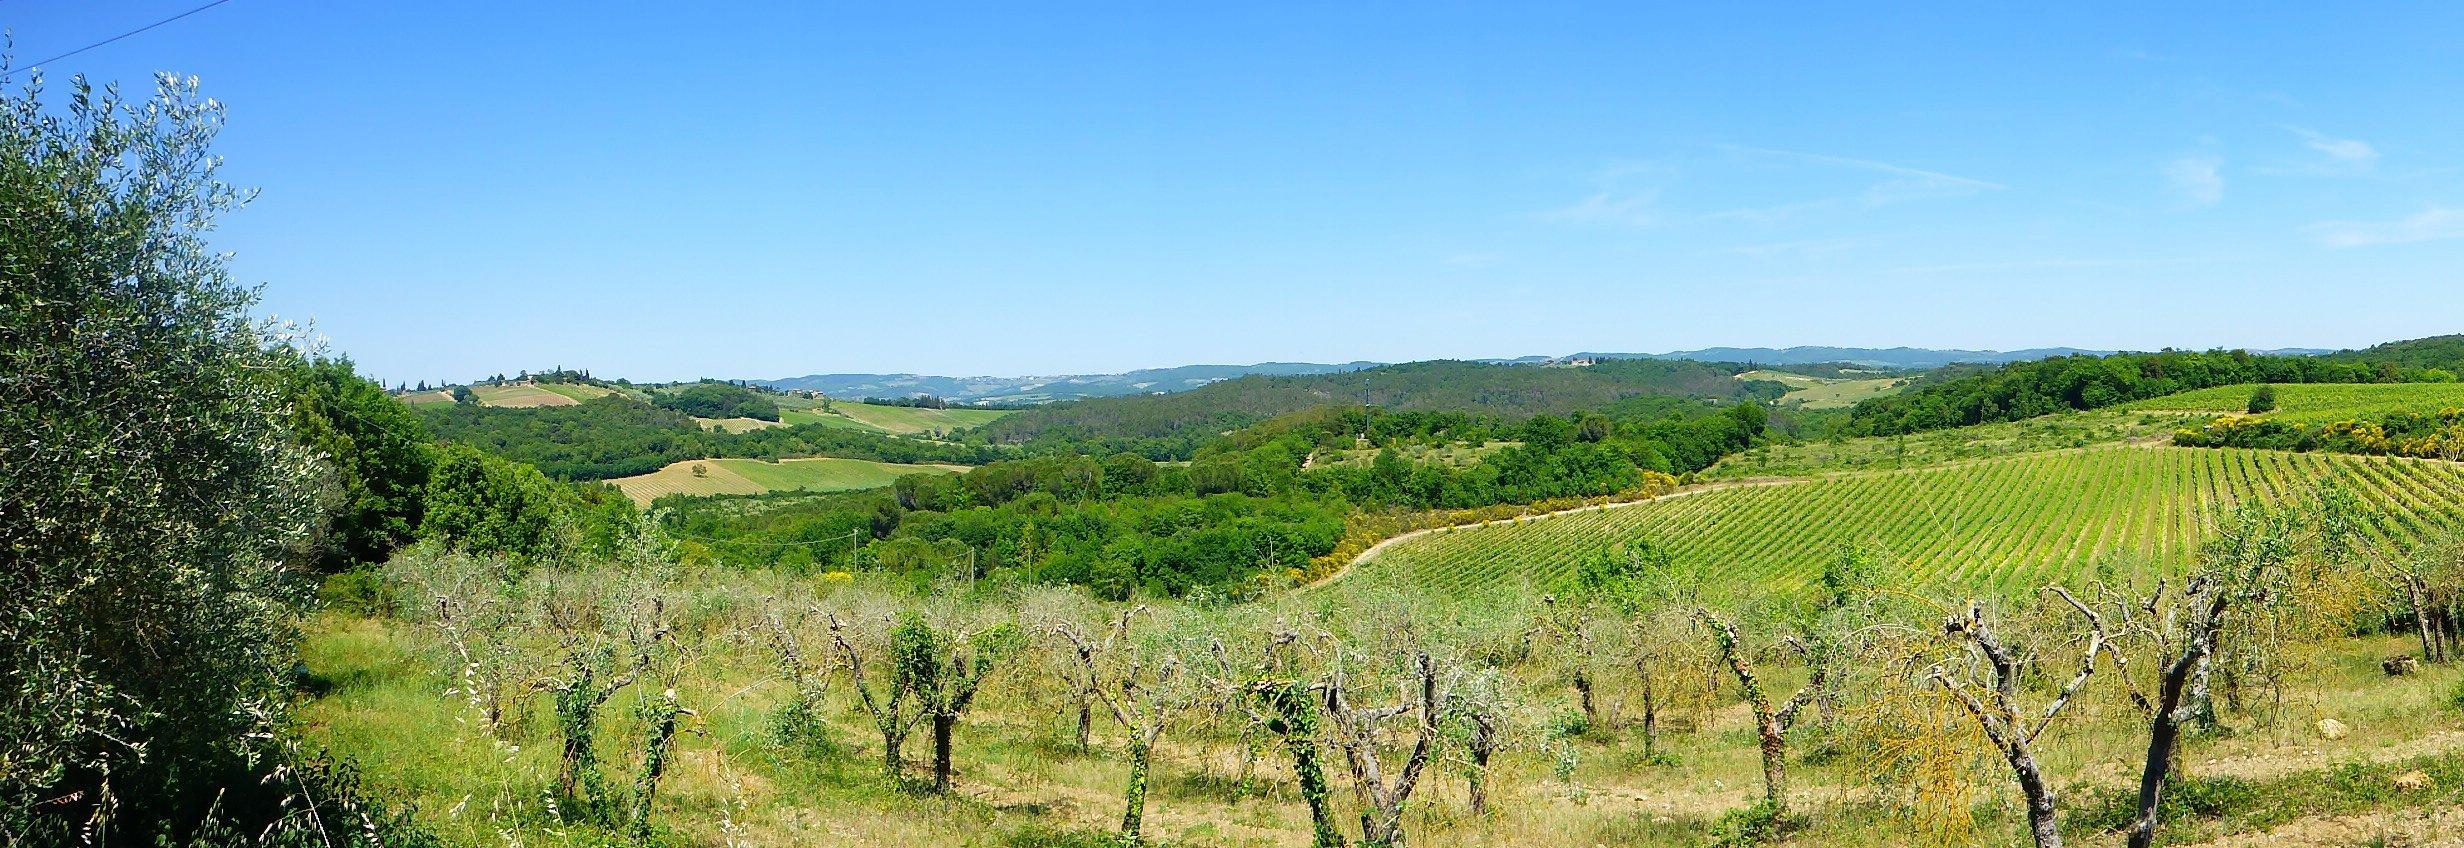 Toscane in Italië, een prachtige streek met mooie dorpjes en stadjes, ideaal voor een ontspannende vakantie.